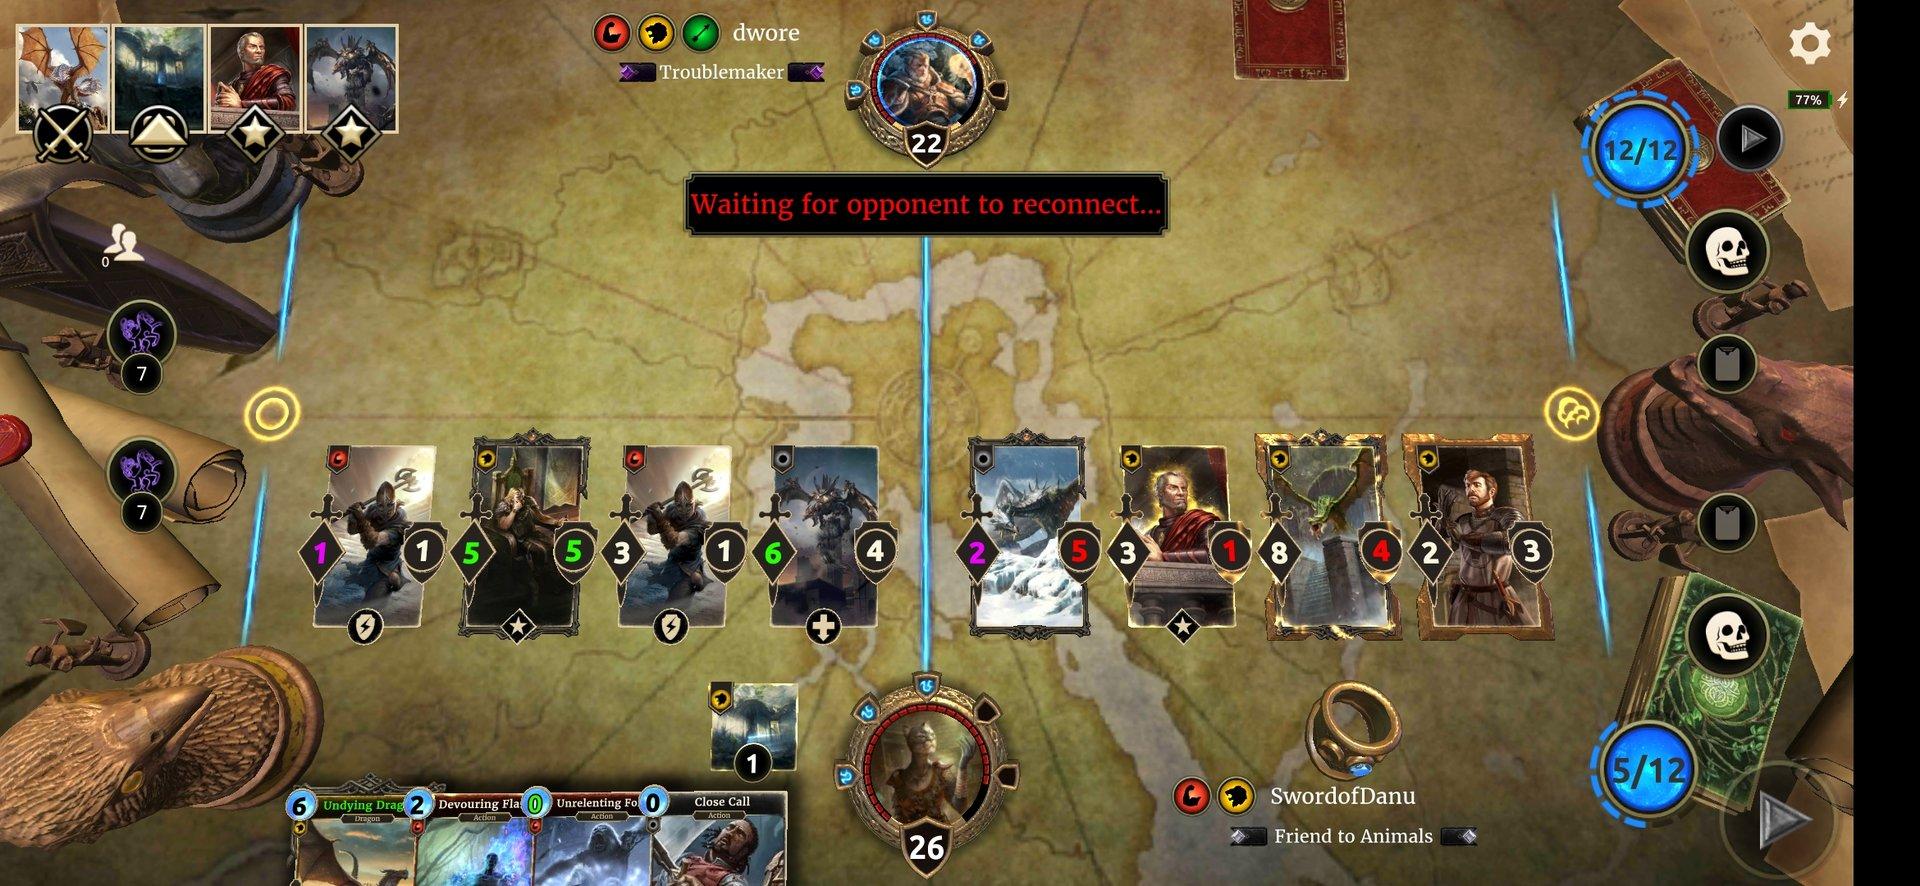 Screenshot_20201215_090621_com.bethsoft.theelderscrollslegends.jpg